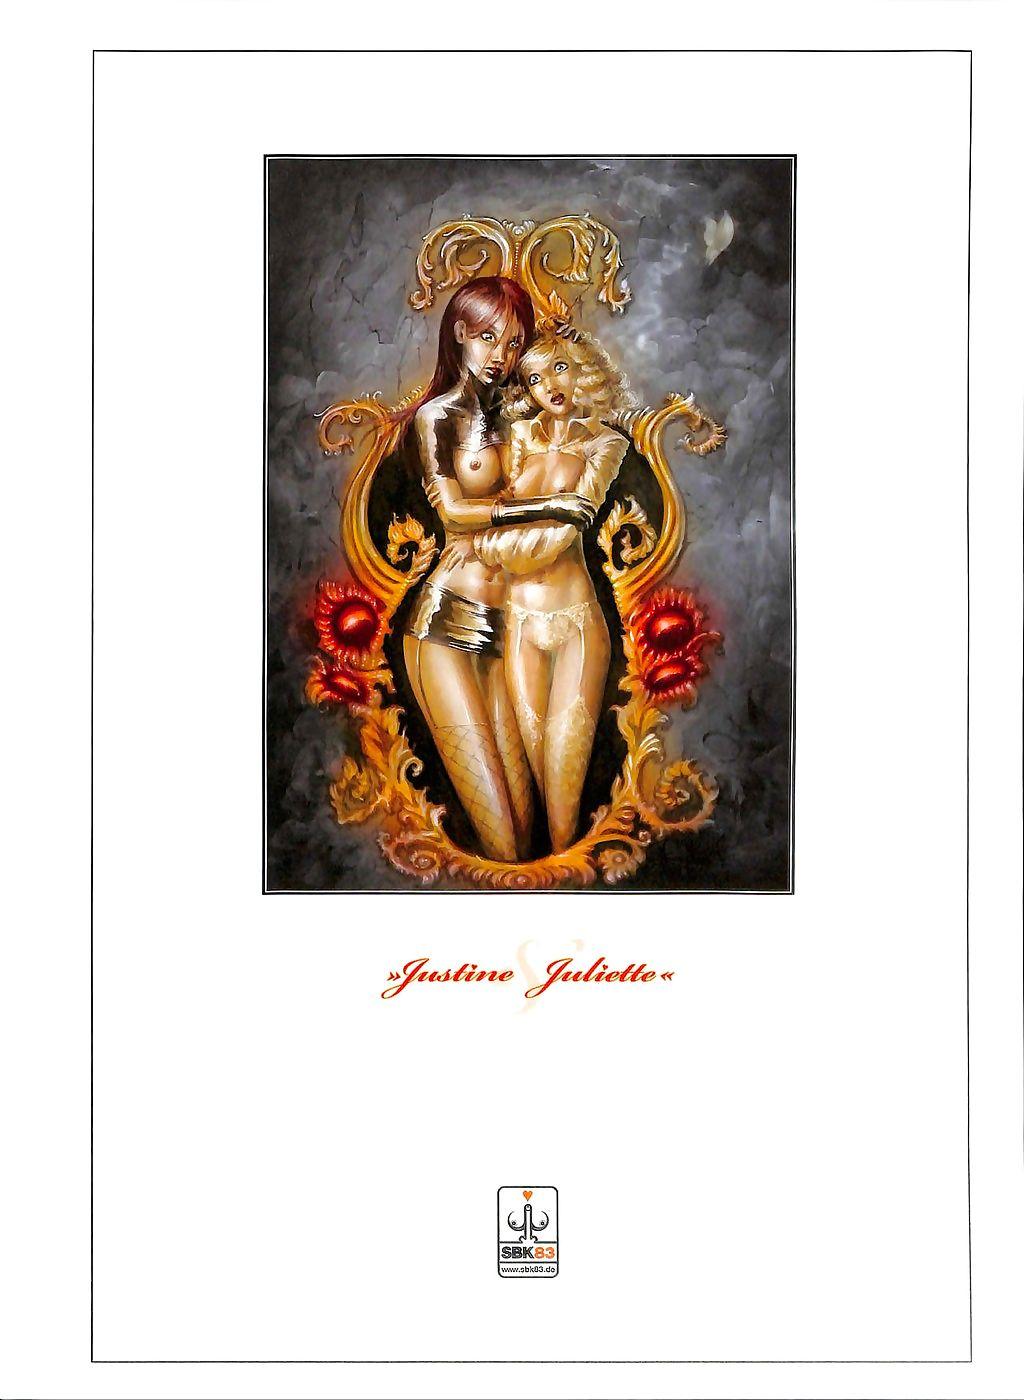 Kretschmer- Justine Juliette